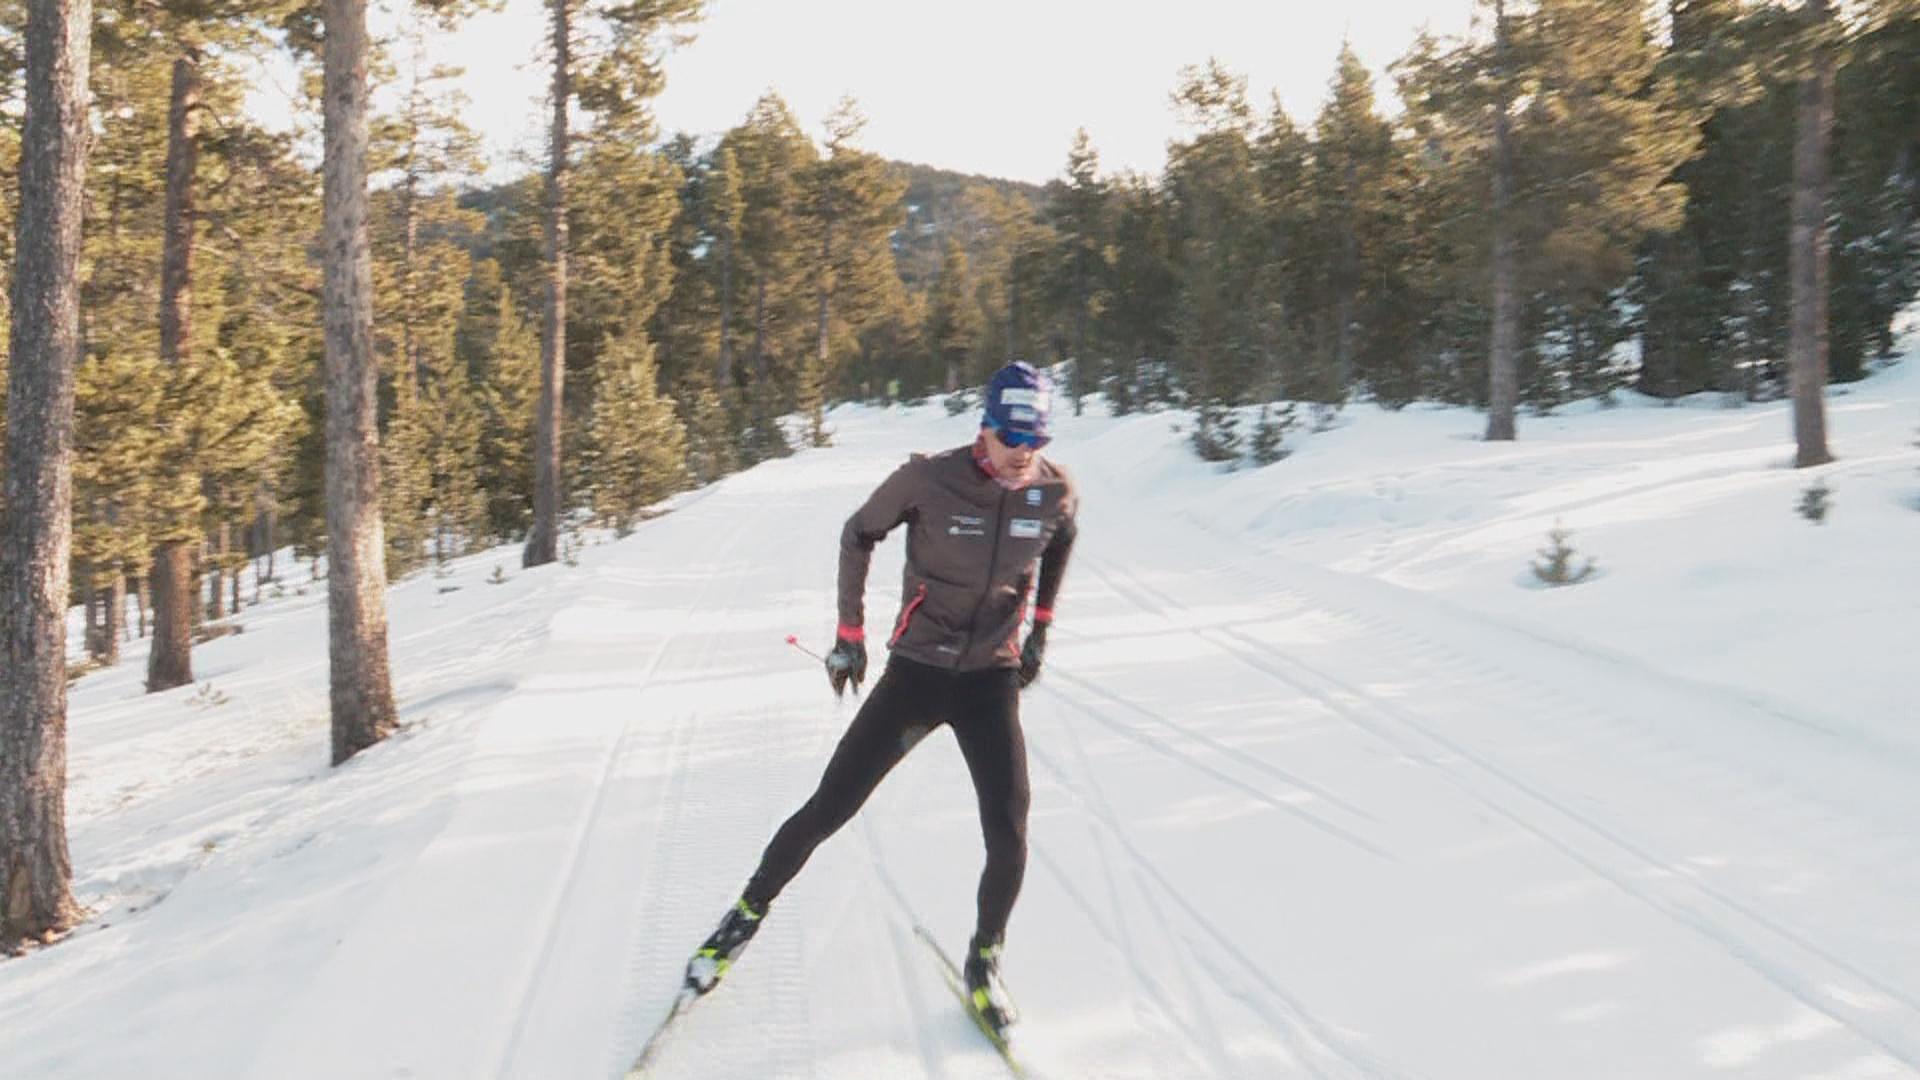 Irineu Esteve, 17è als 15 km estil clàssic de la Copa del Món a Nove Mesto